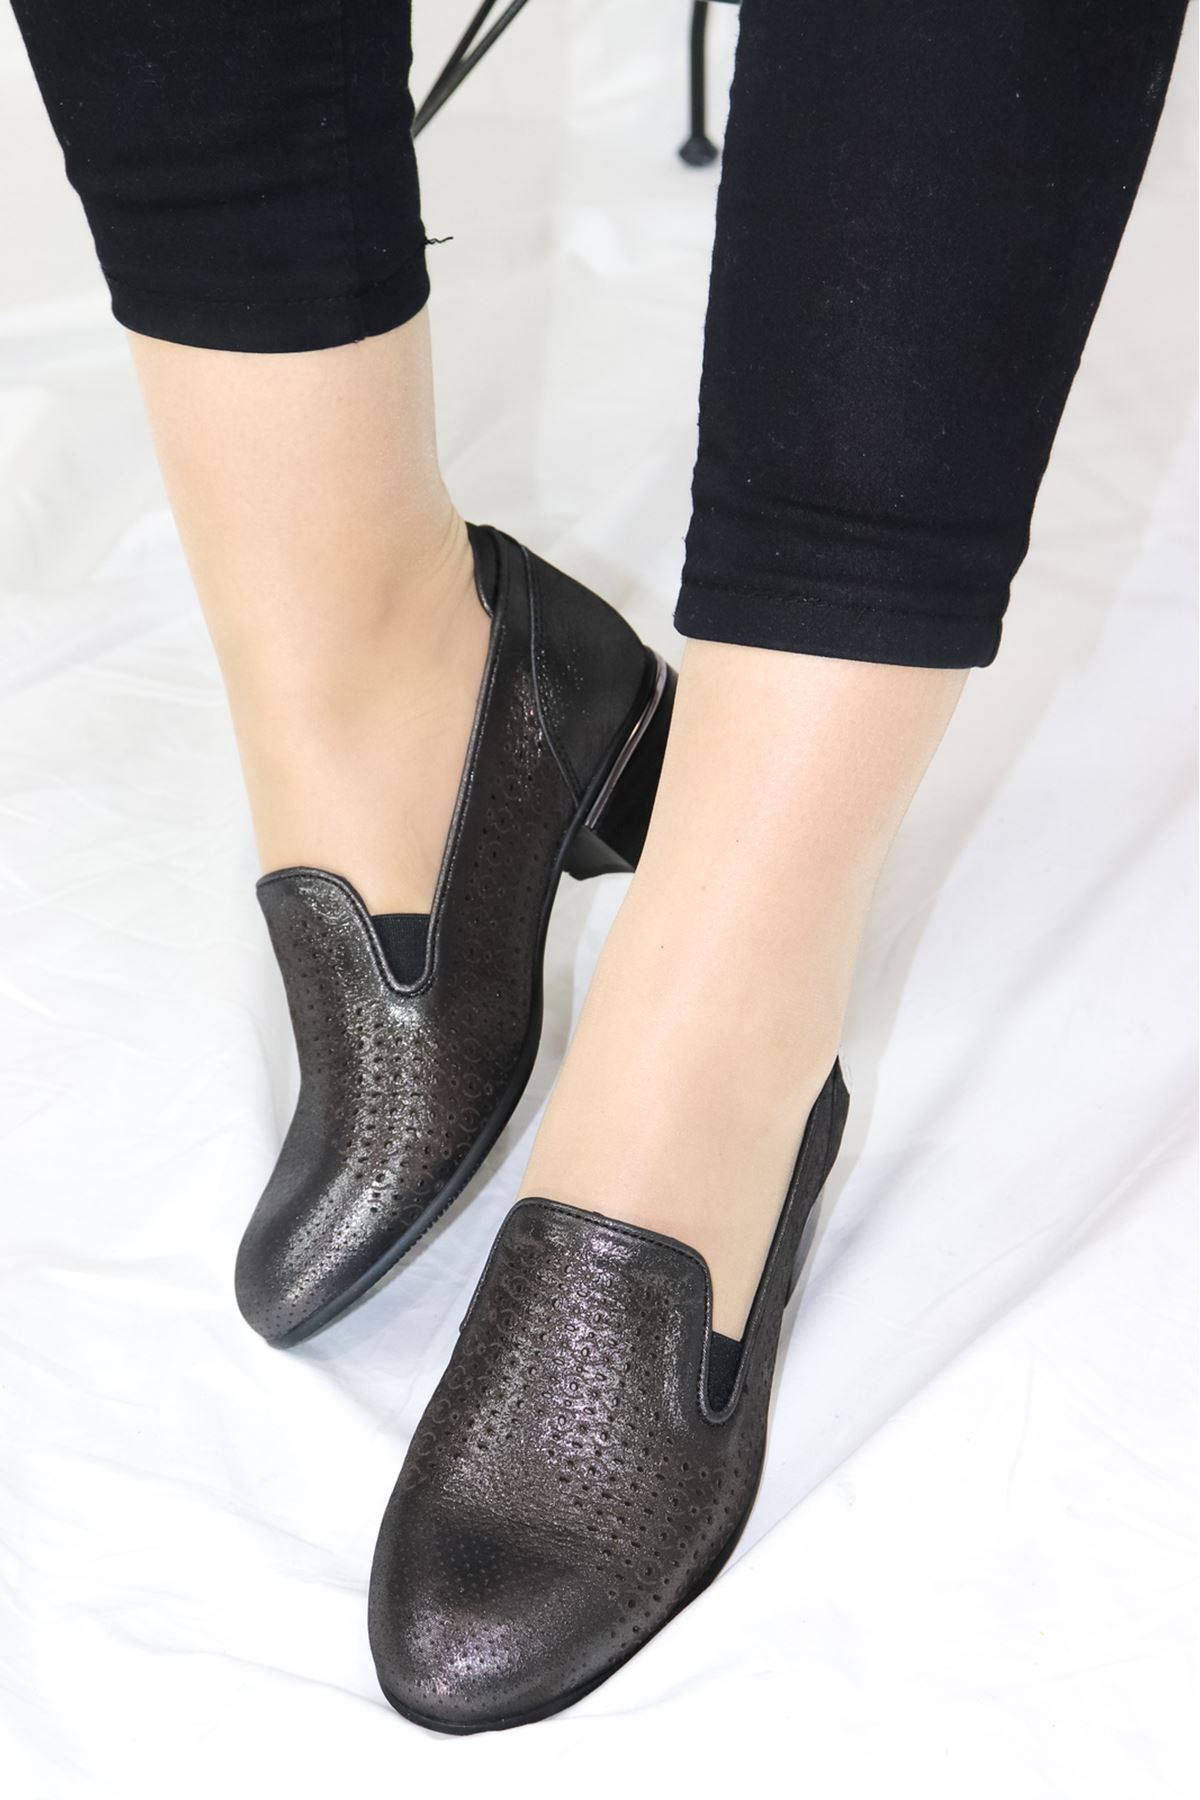 Mammamia - D21YA - 3010-B Çelik Simli Kadın Ayakkabısı